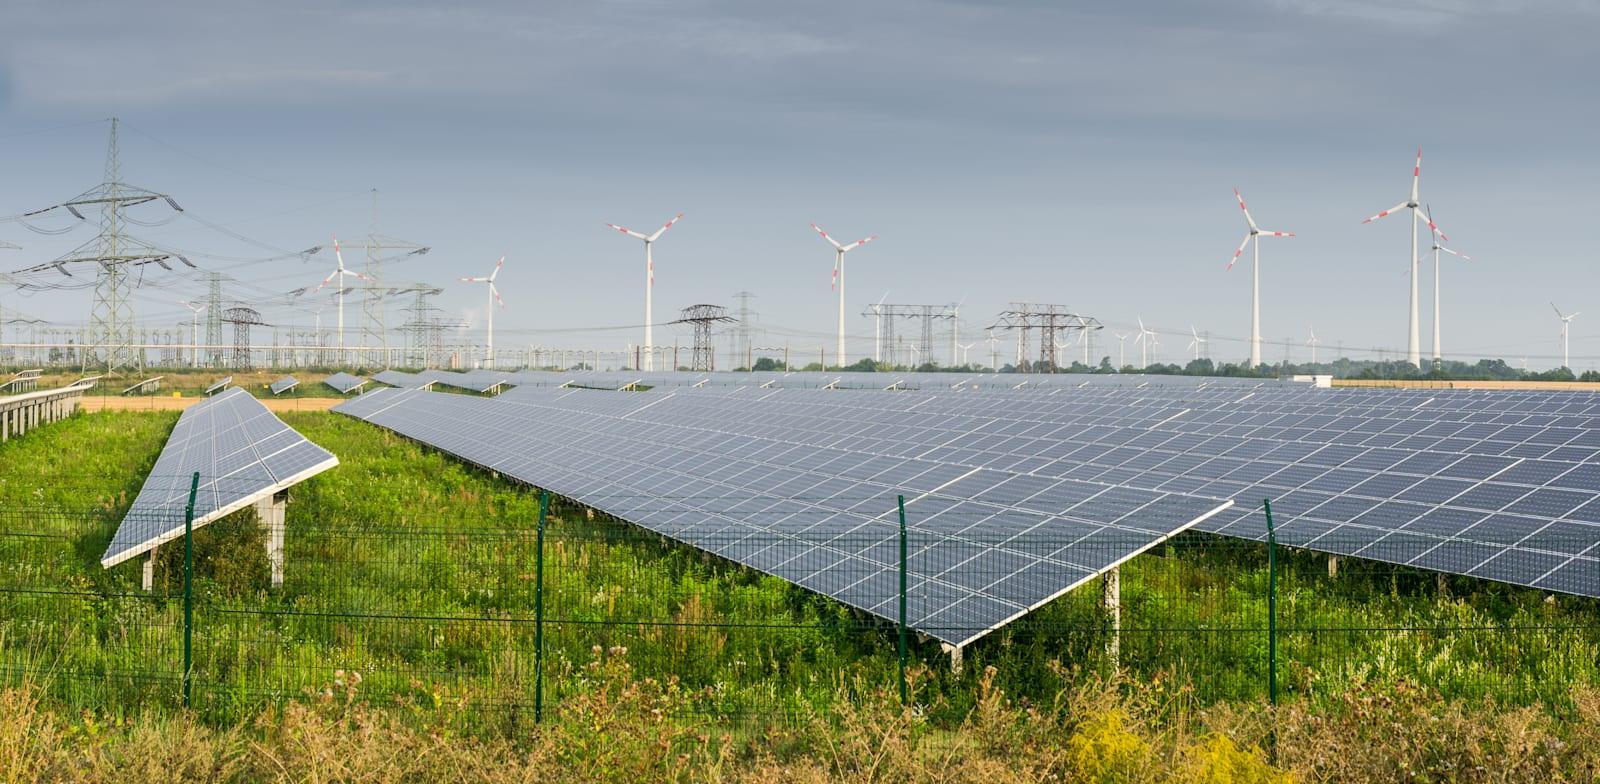 פאנלים סולארים בשדות סמוך לברלין / צילום: Shutterstock